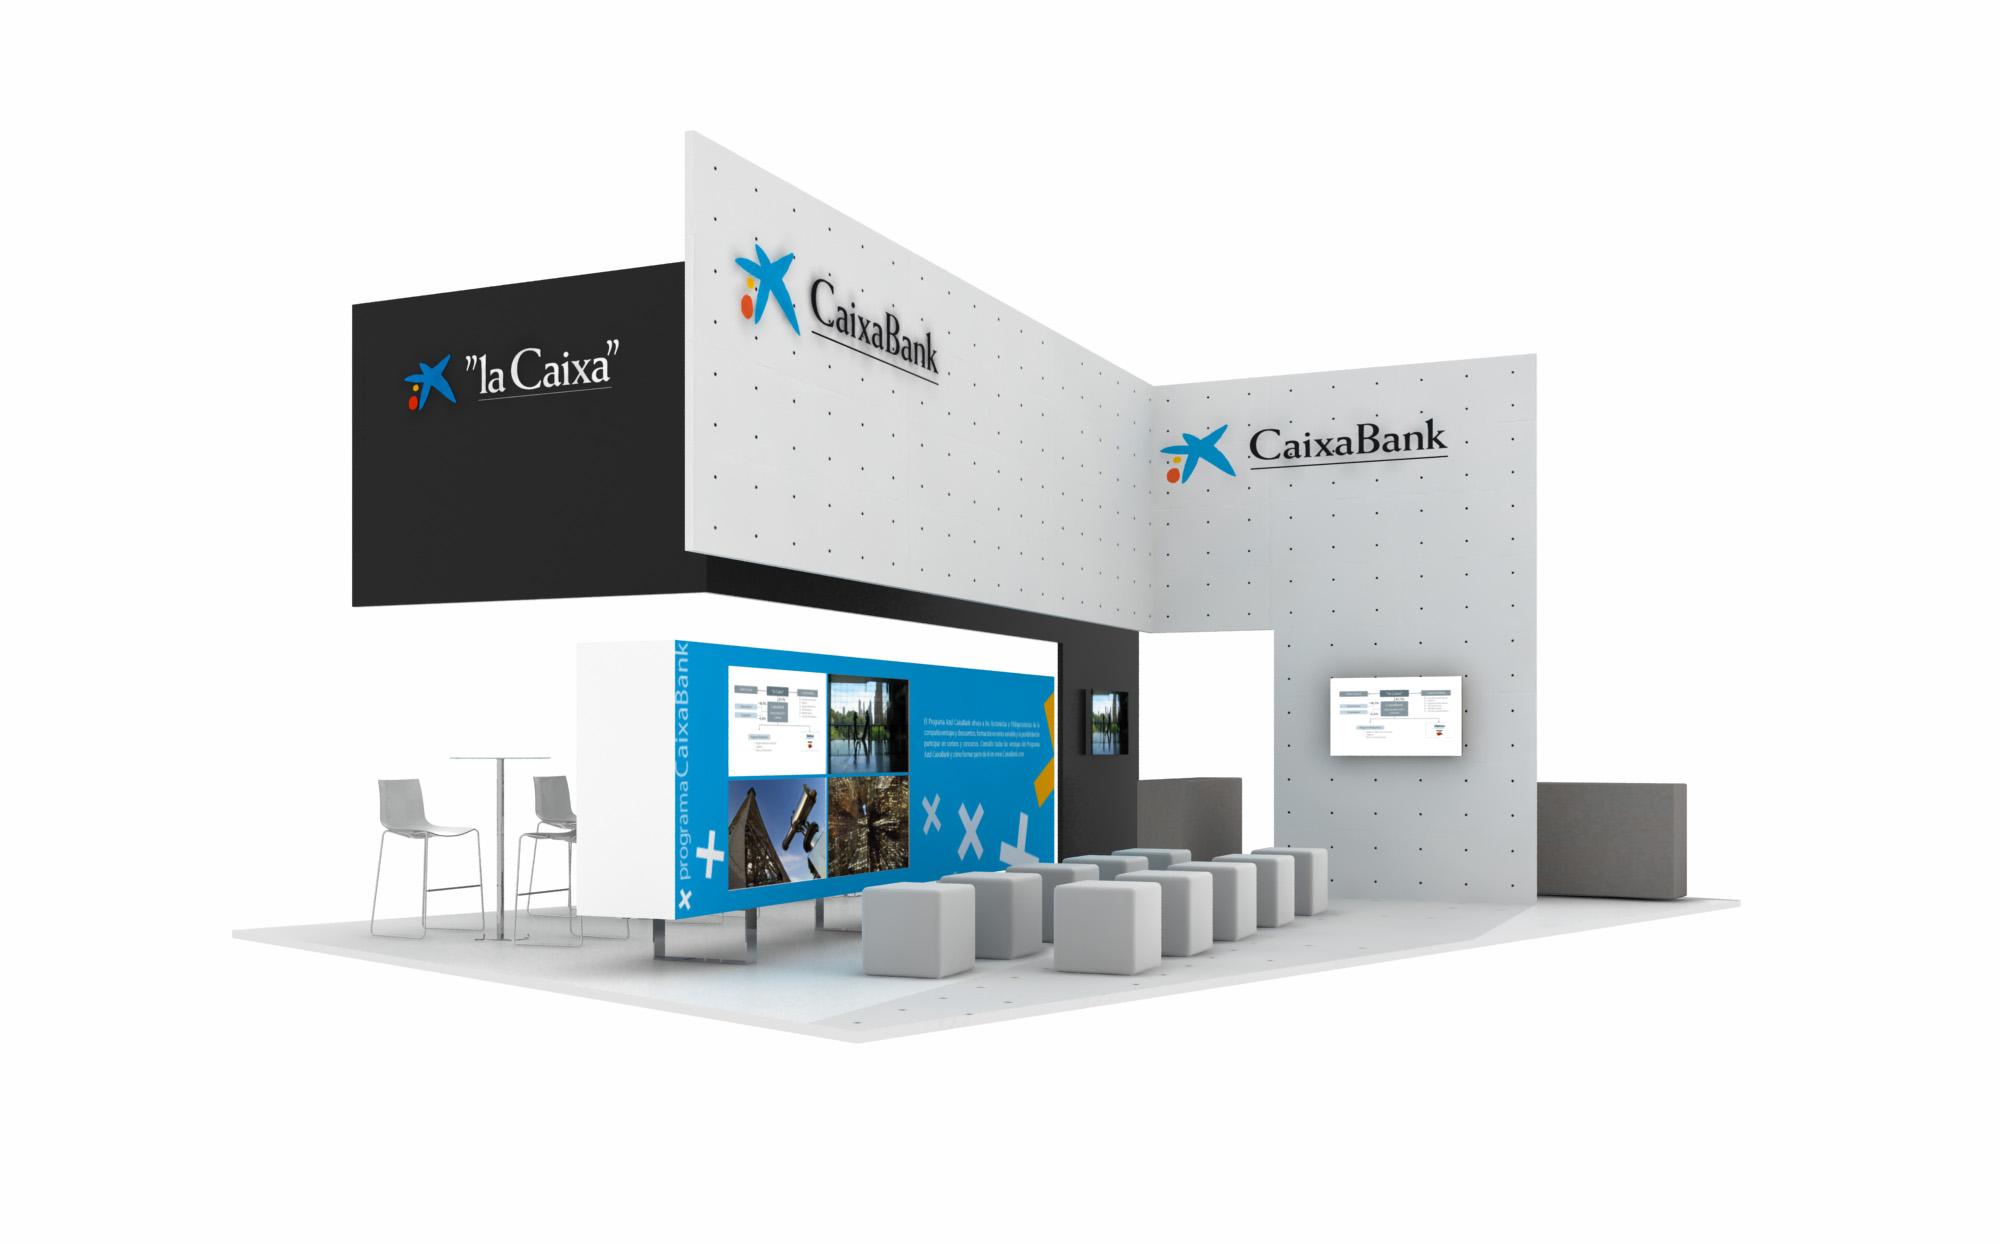 La Caixa_Caixabank_02